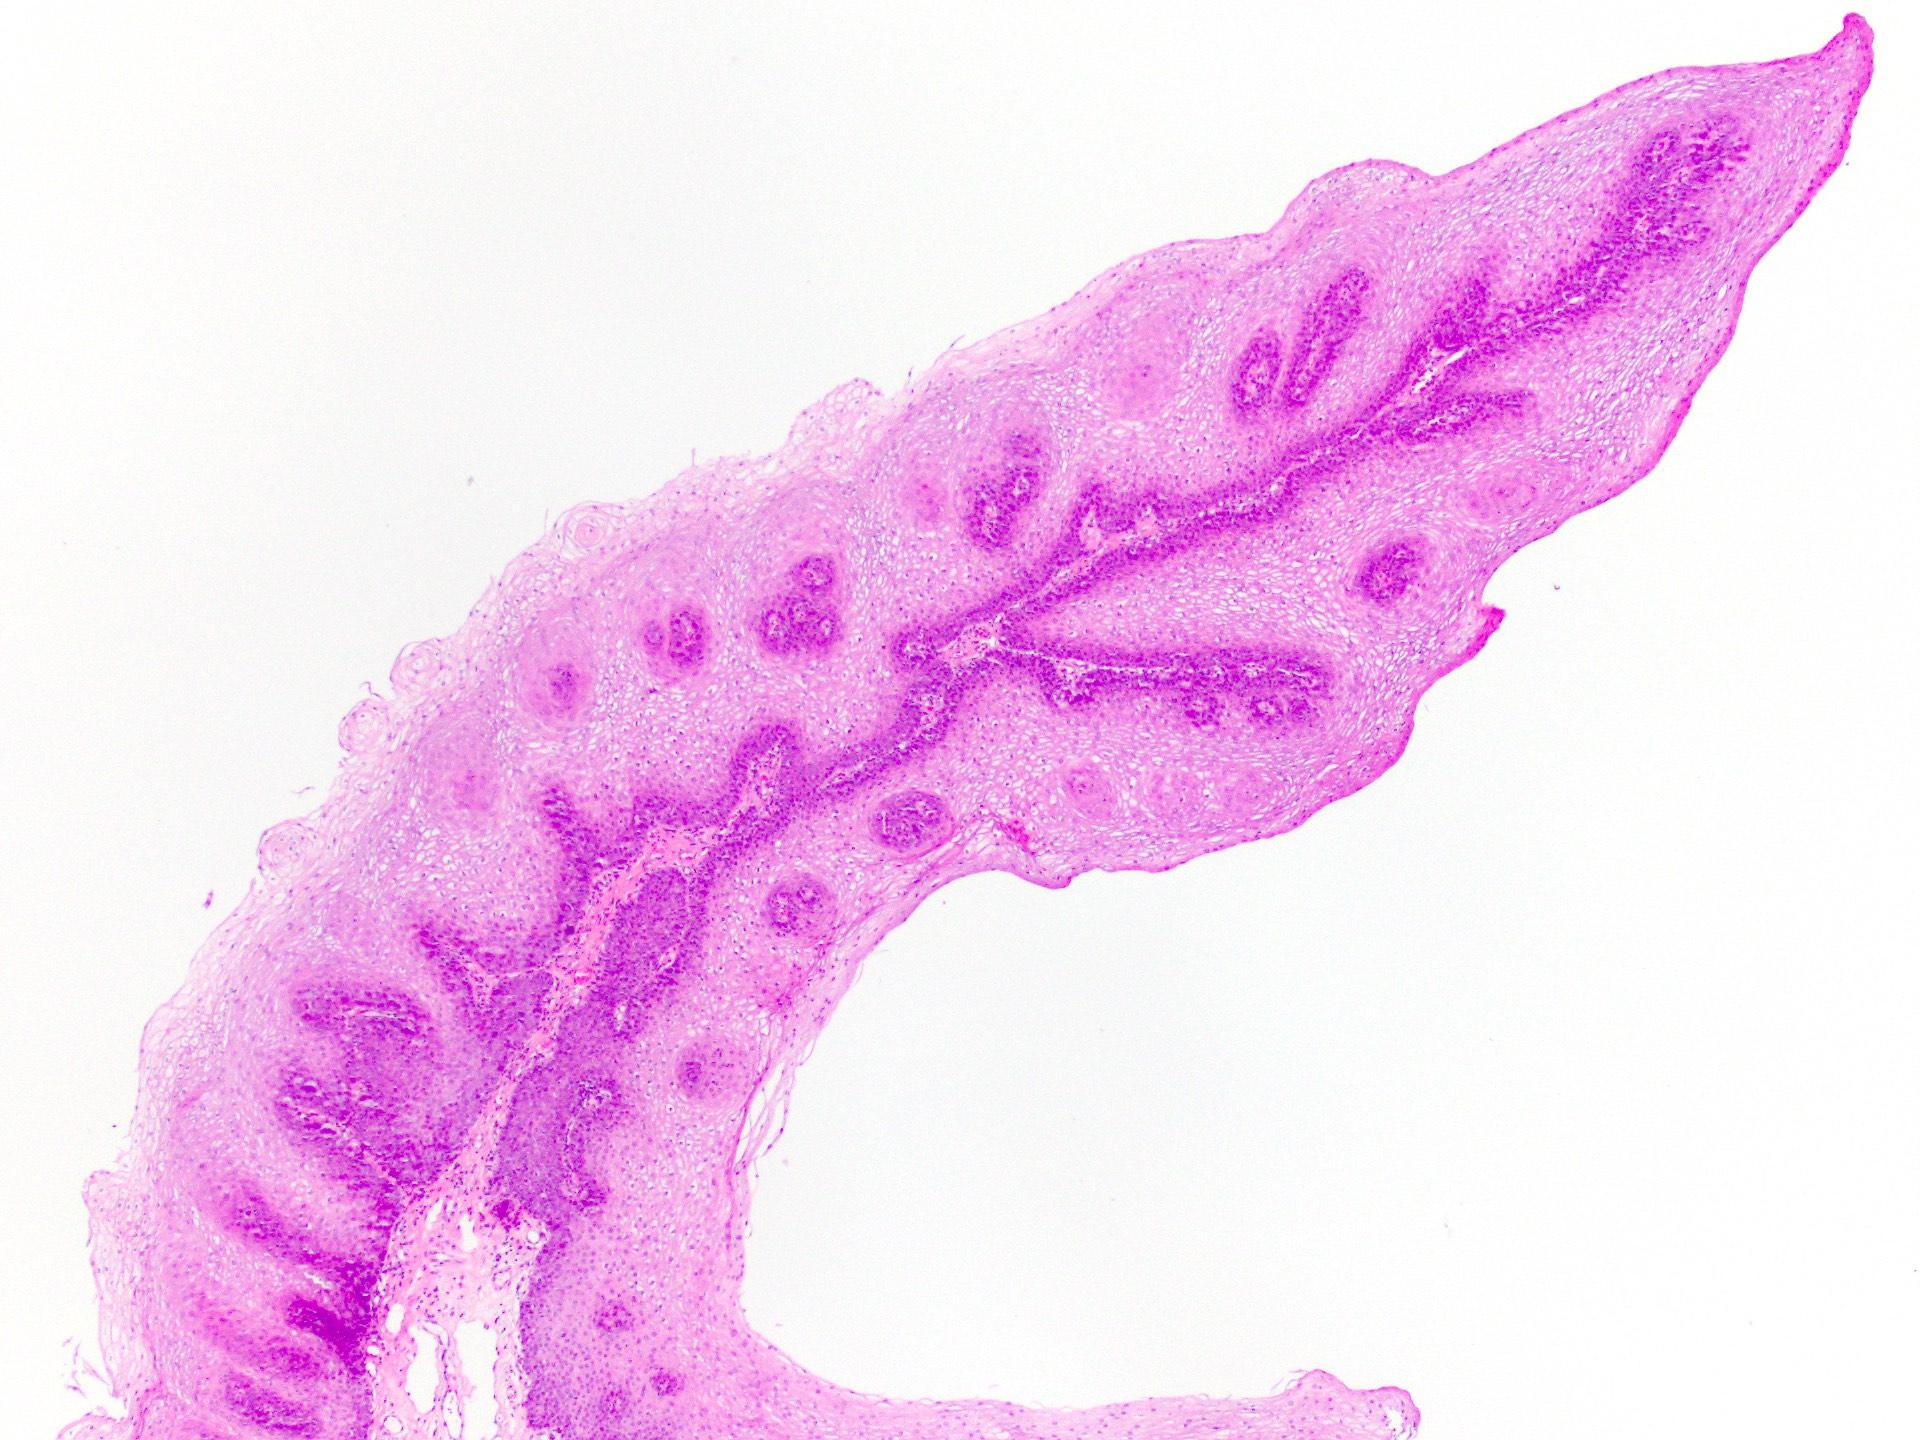 Endovaszkuláris prosztata adenoma